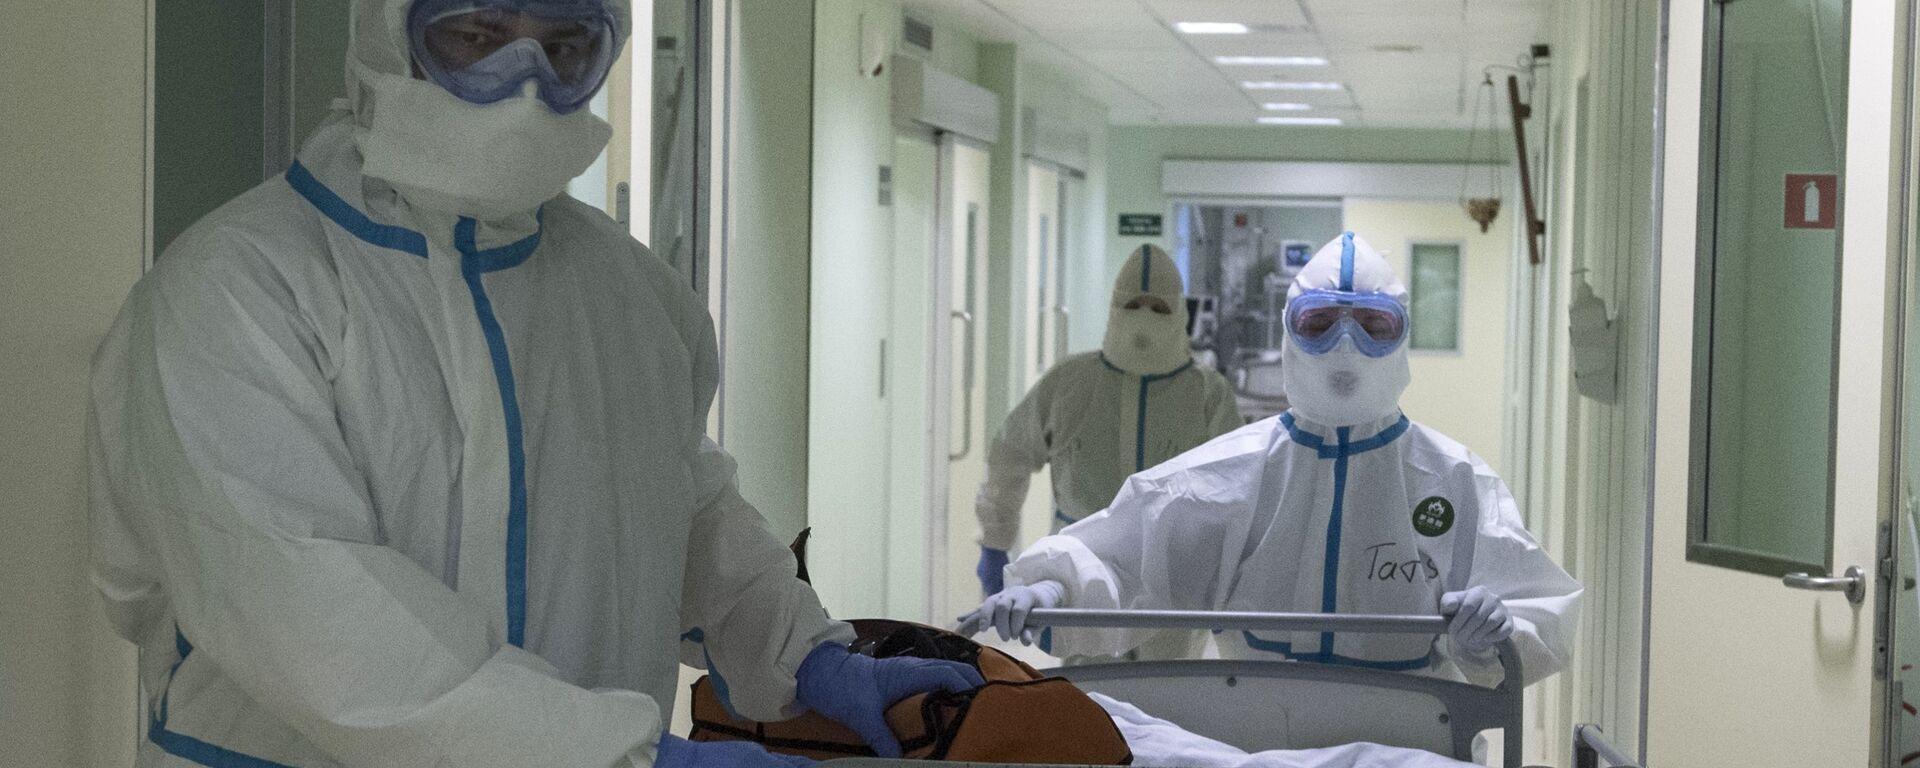 Врачи и пациент в госпитале для зараженных коронавирусной - Sputnik Таджикистан, 1920, 15.08.2021